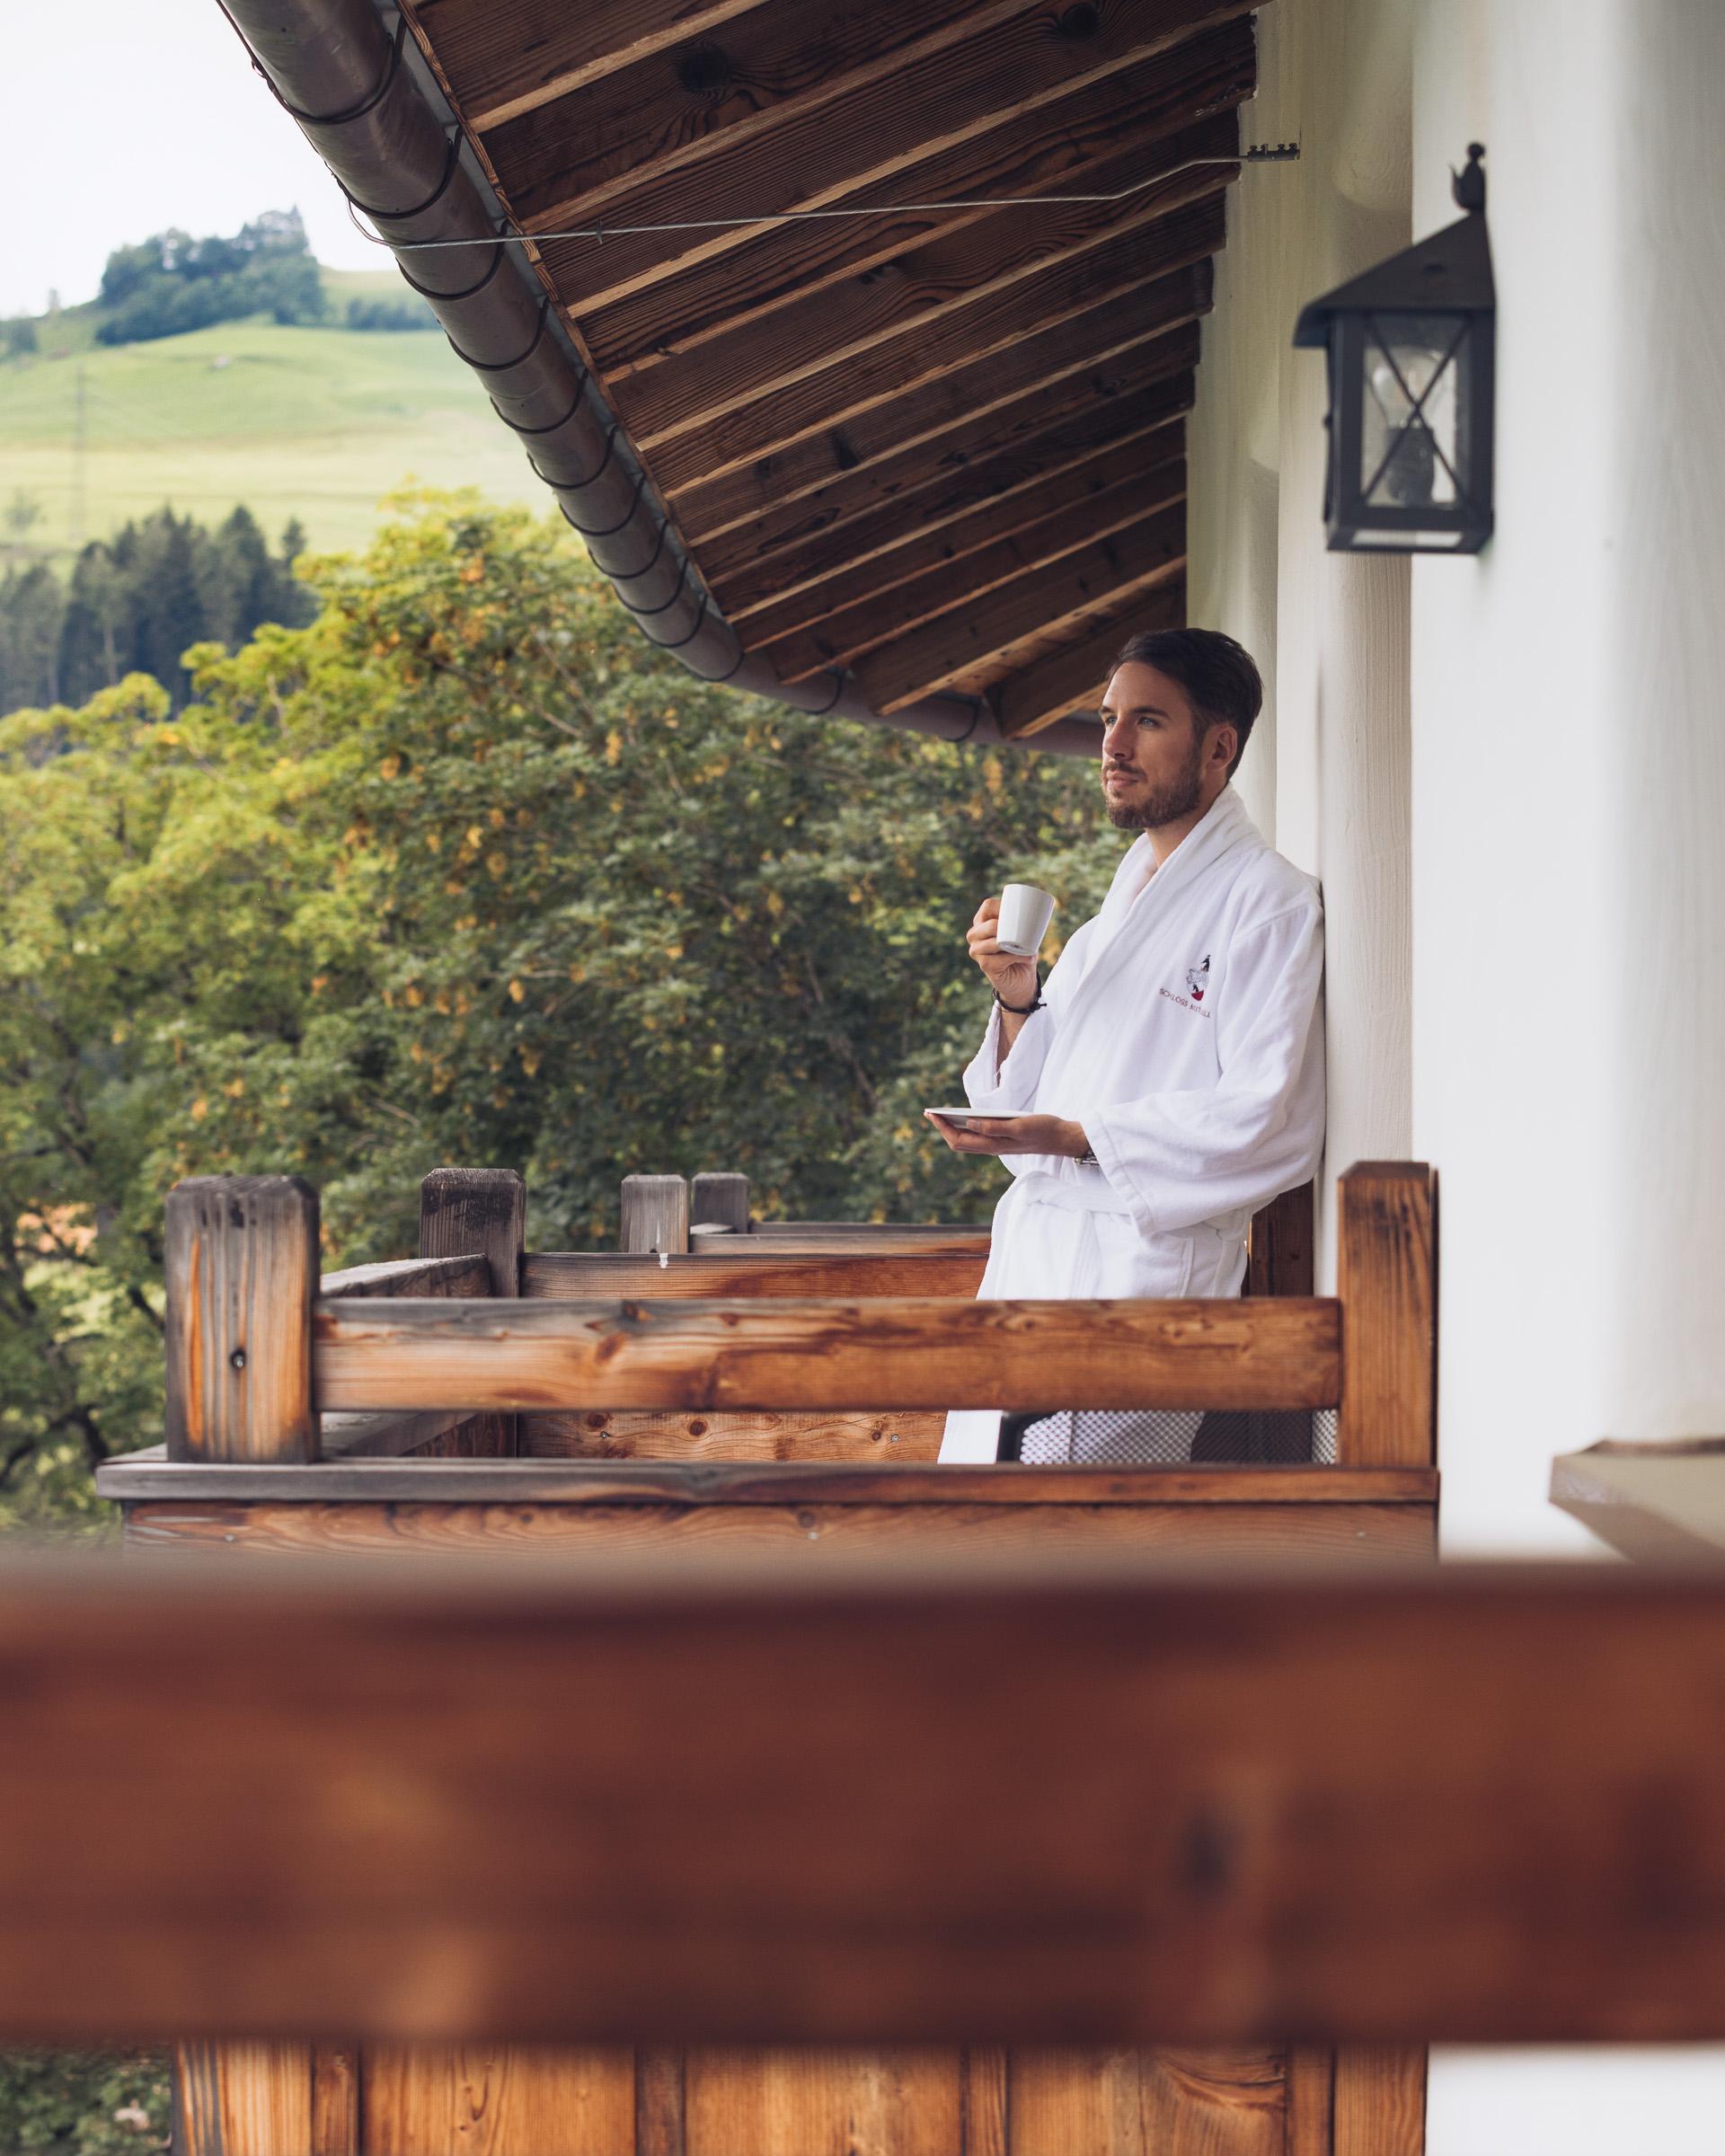 Balkon Hotel Sebastian Schmidt by Rose Time